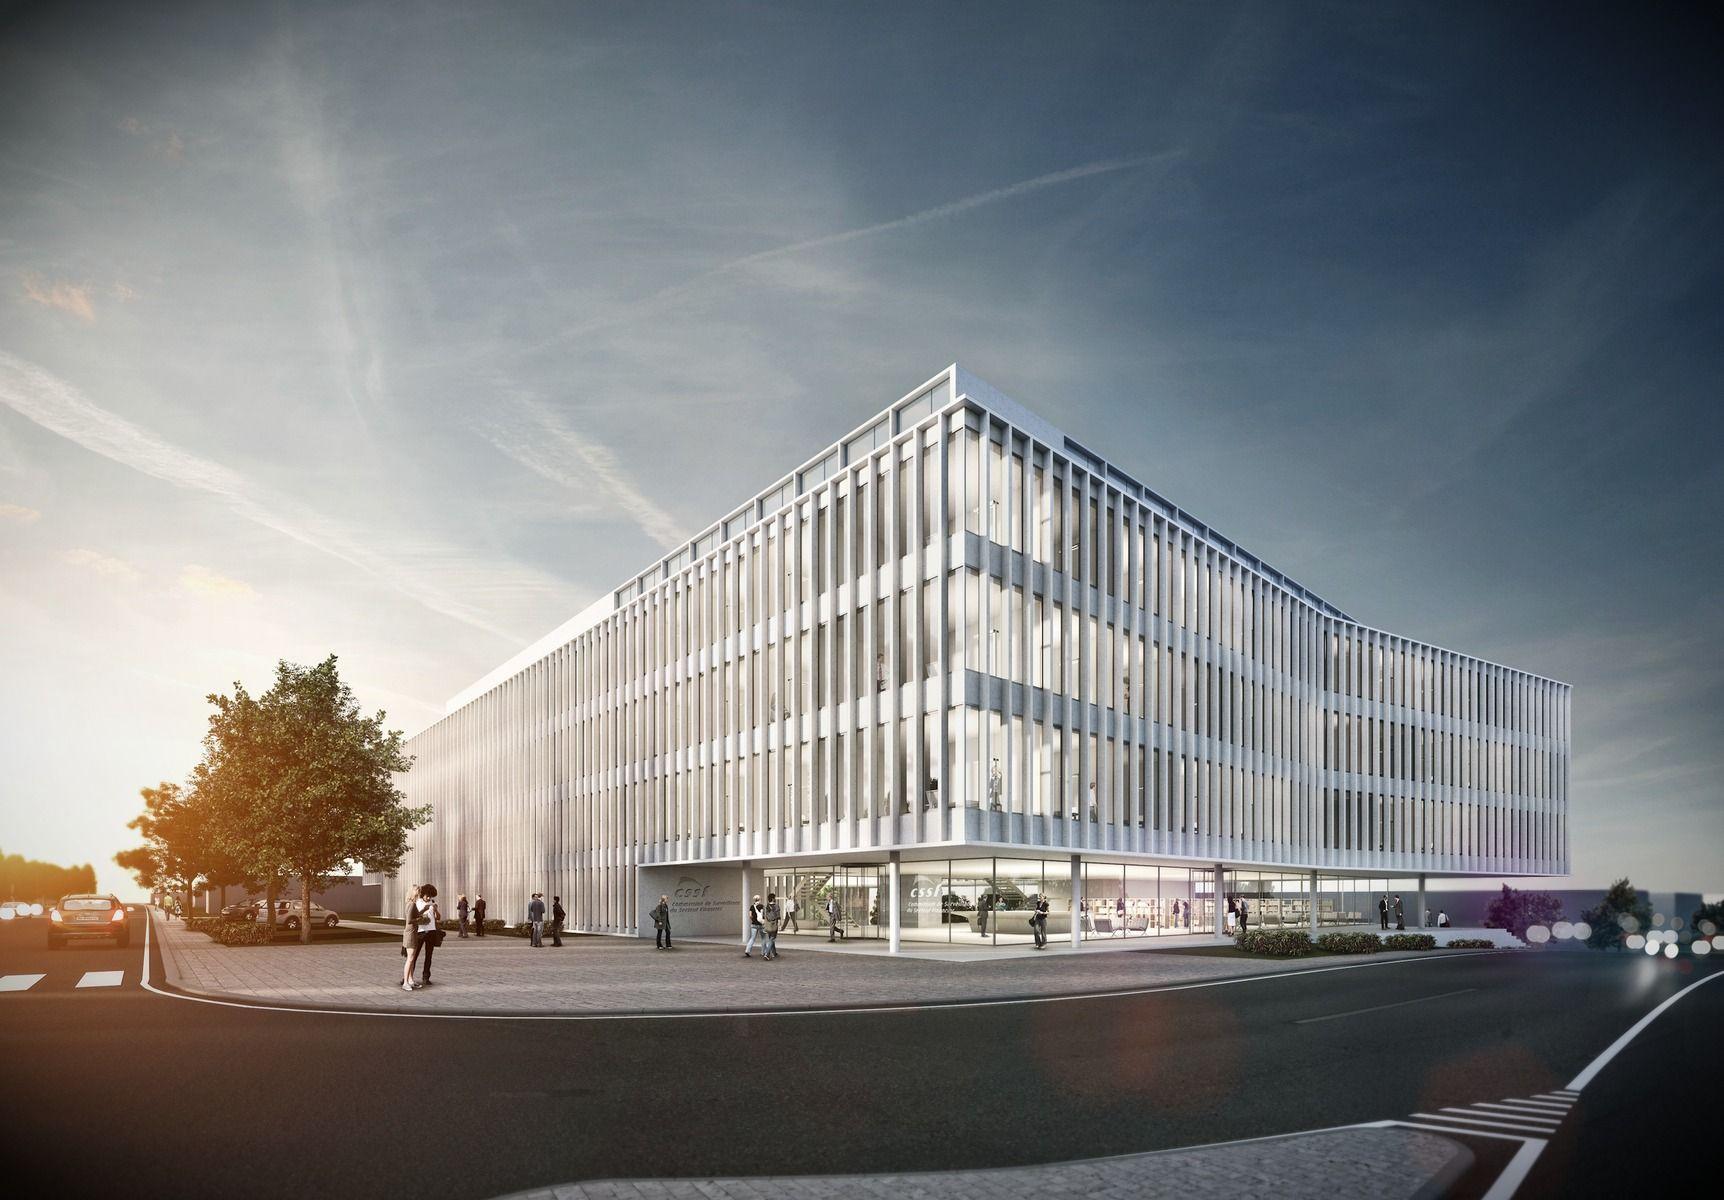 Architekten Luxemburg cssf luxemburg jswd architekten 2011 project website http